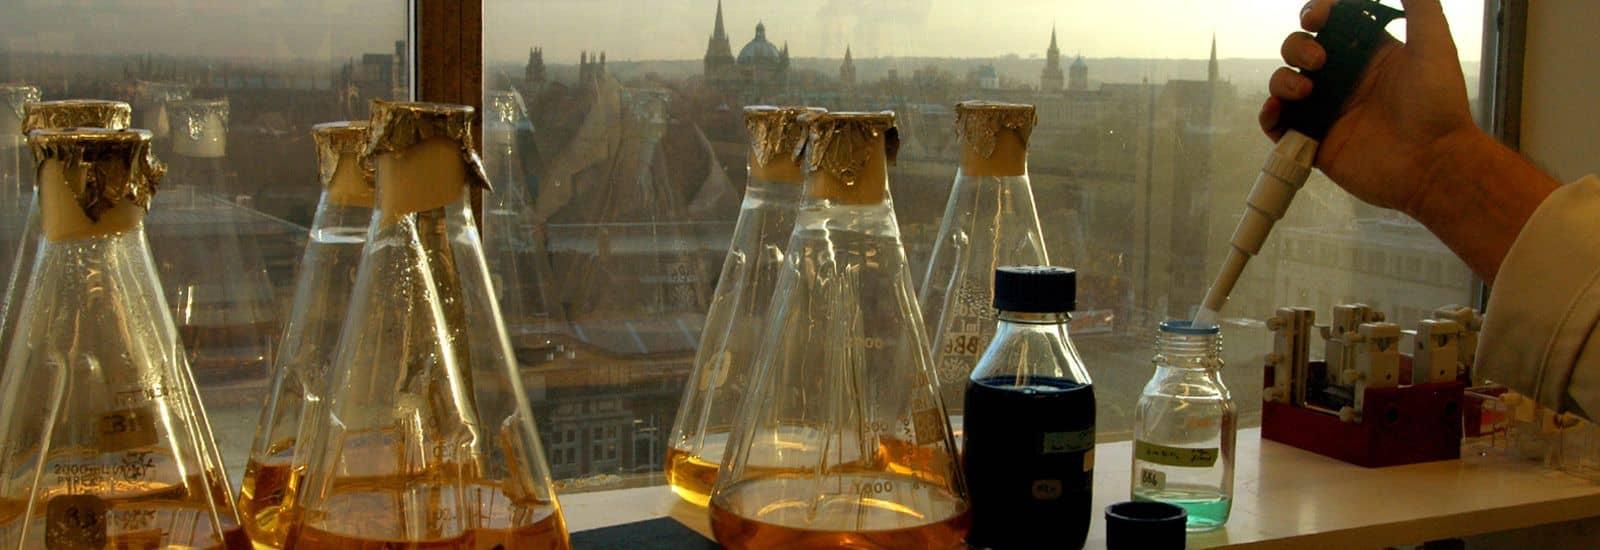 پیشرو در تامین مواد شیمیایی و پلیمری